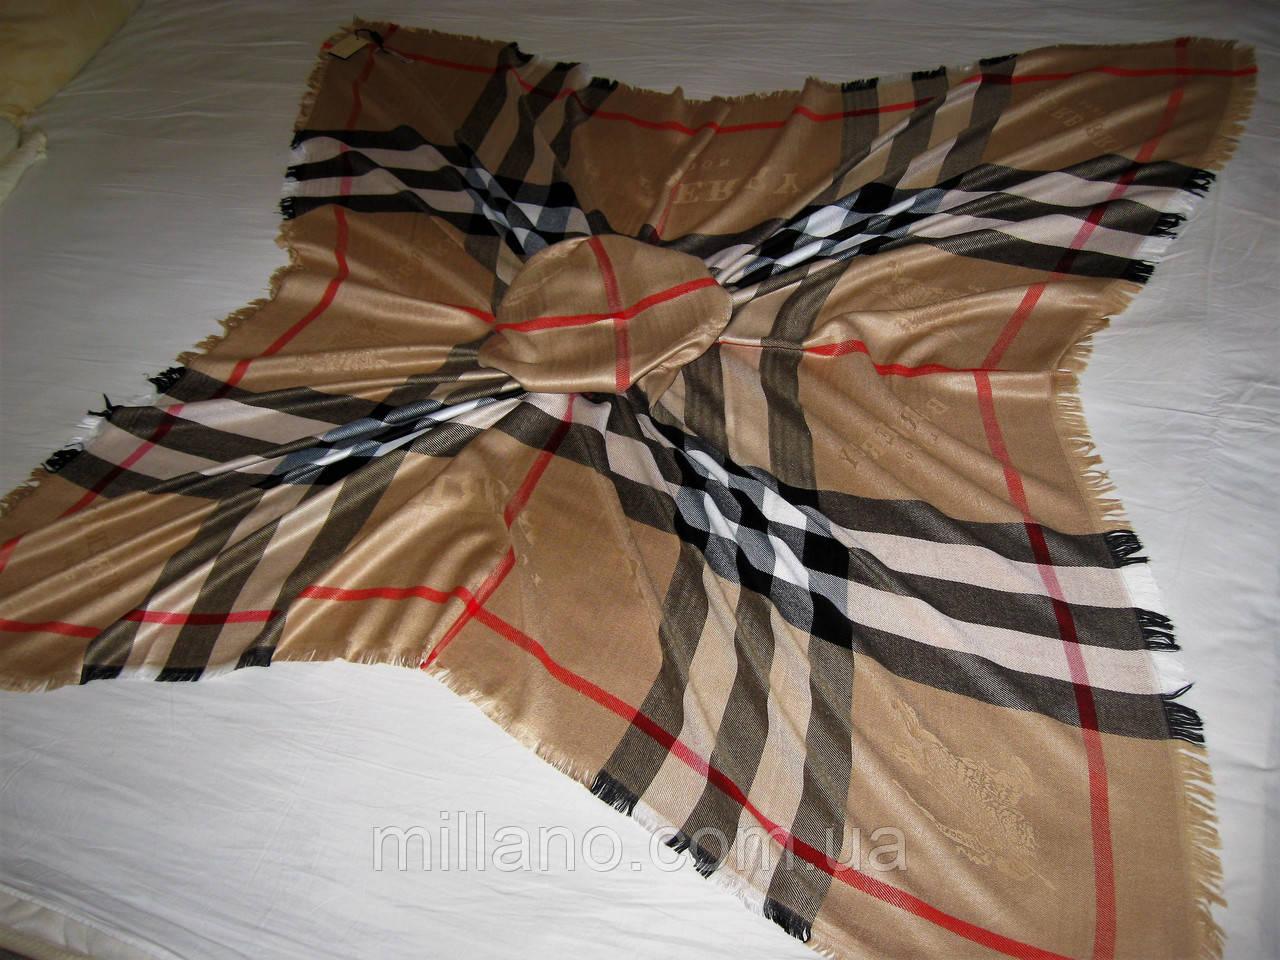 Платок Burberry шерсть 65% кашемир 35% можно приобрести на выставке в дворце  спорта Киев 855e074aa408b